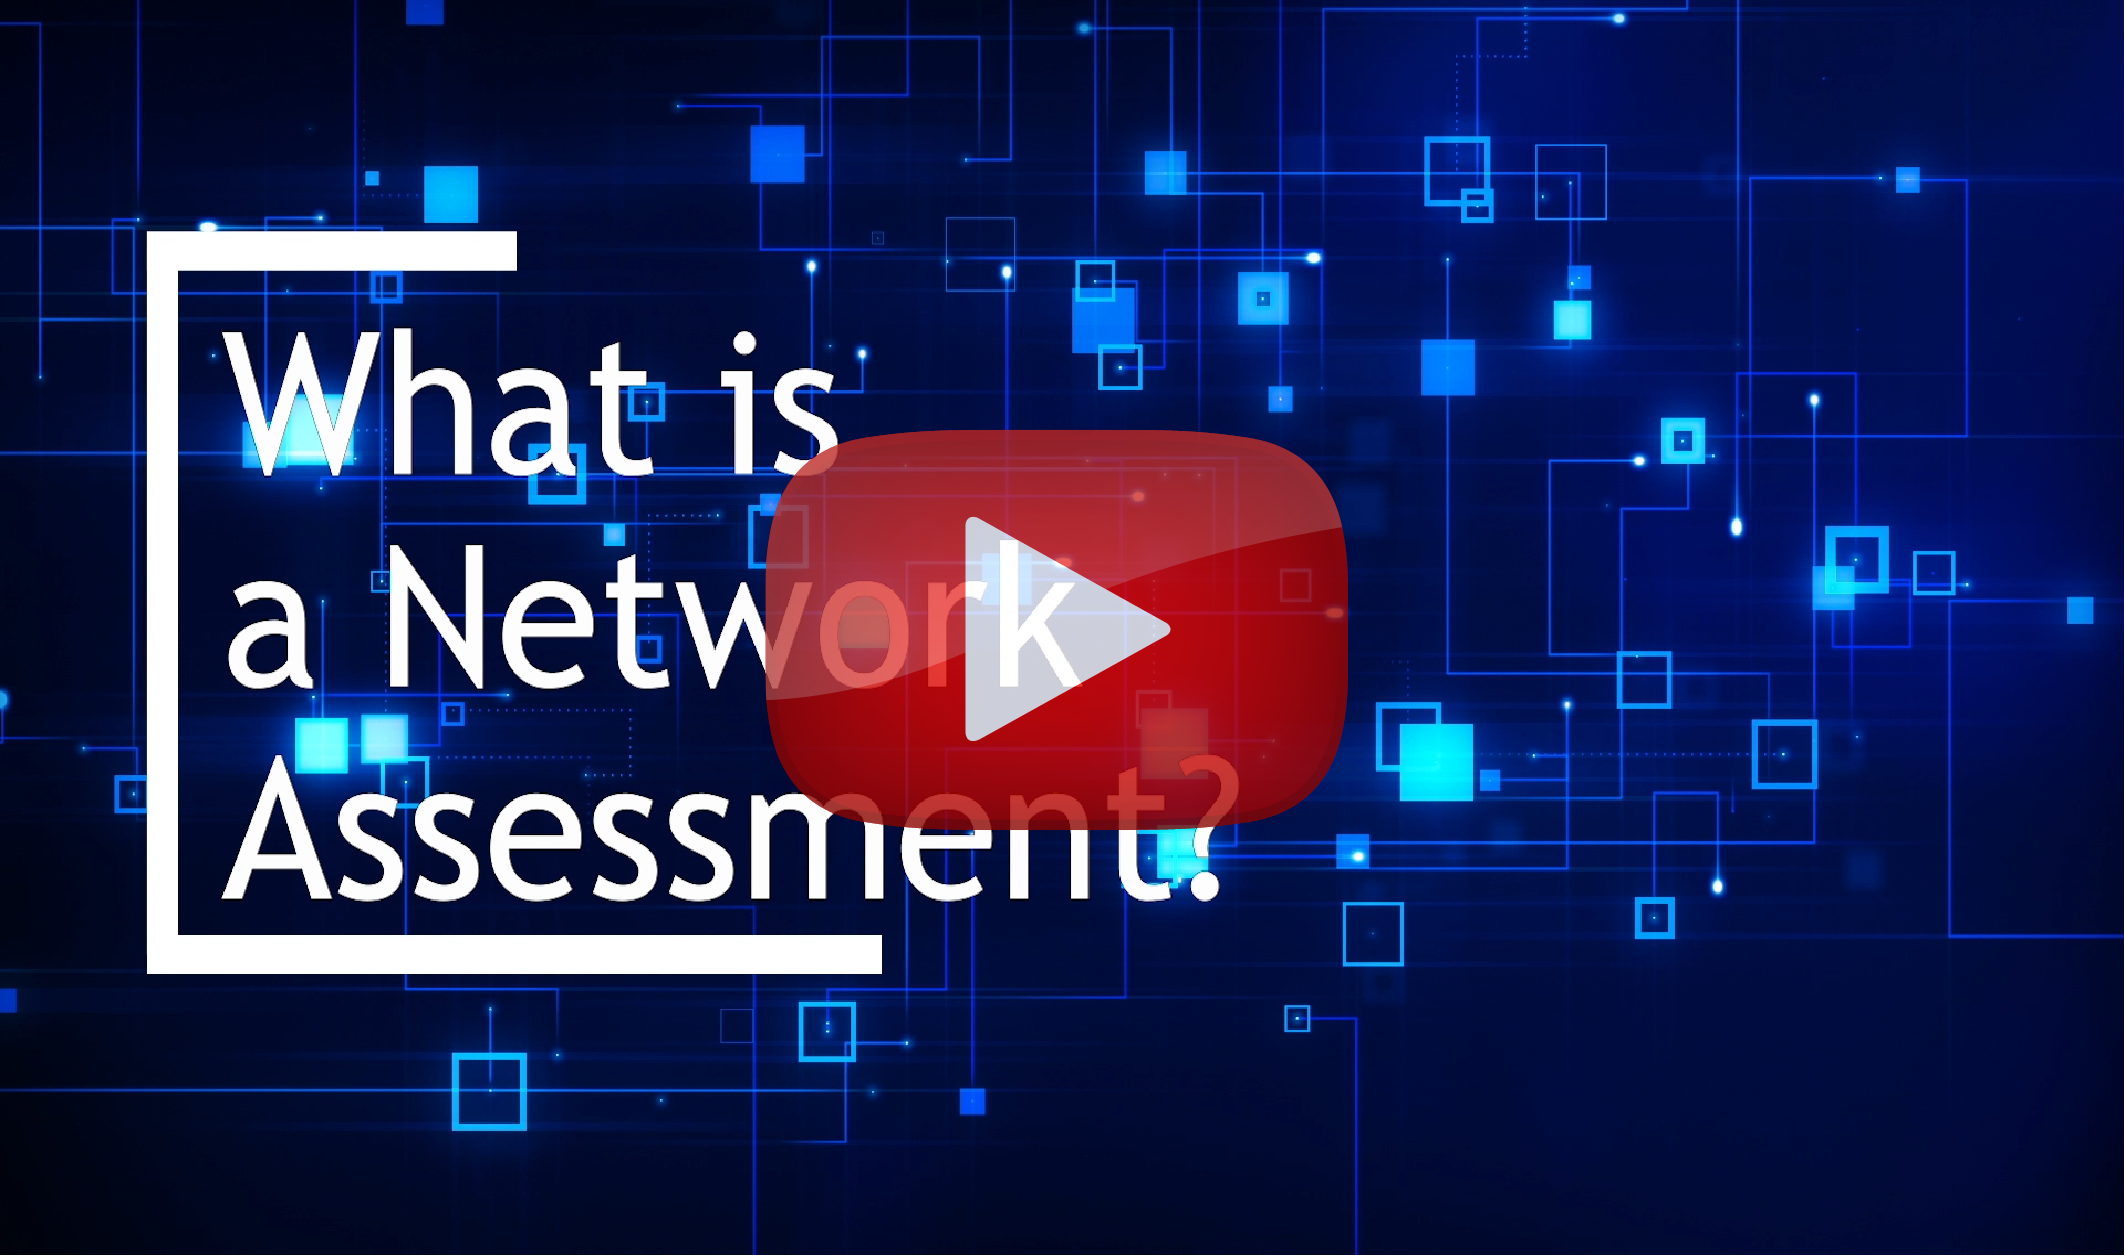 NetworkAssessmenvV5-720p